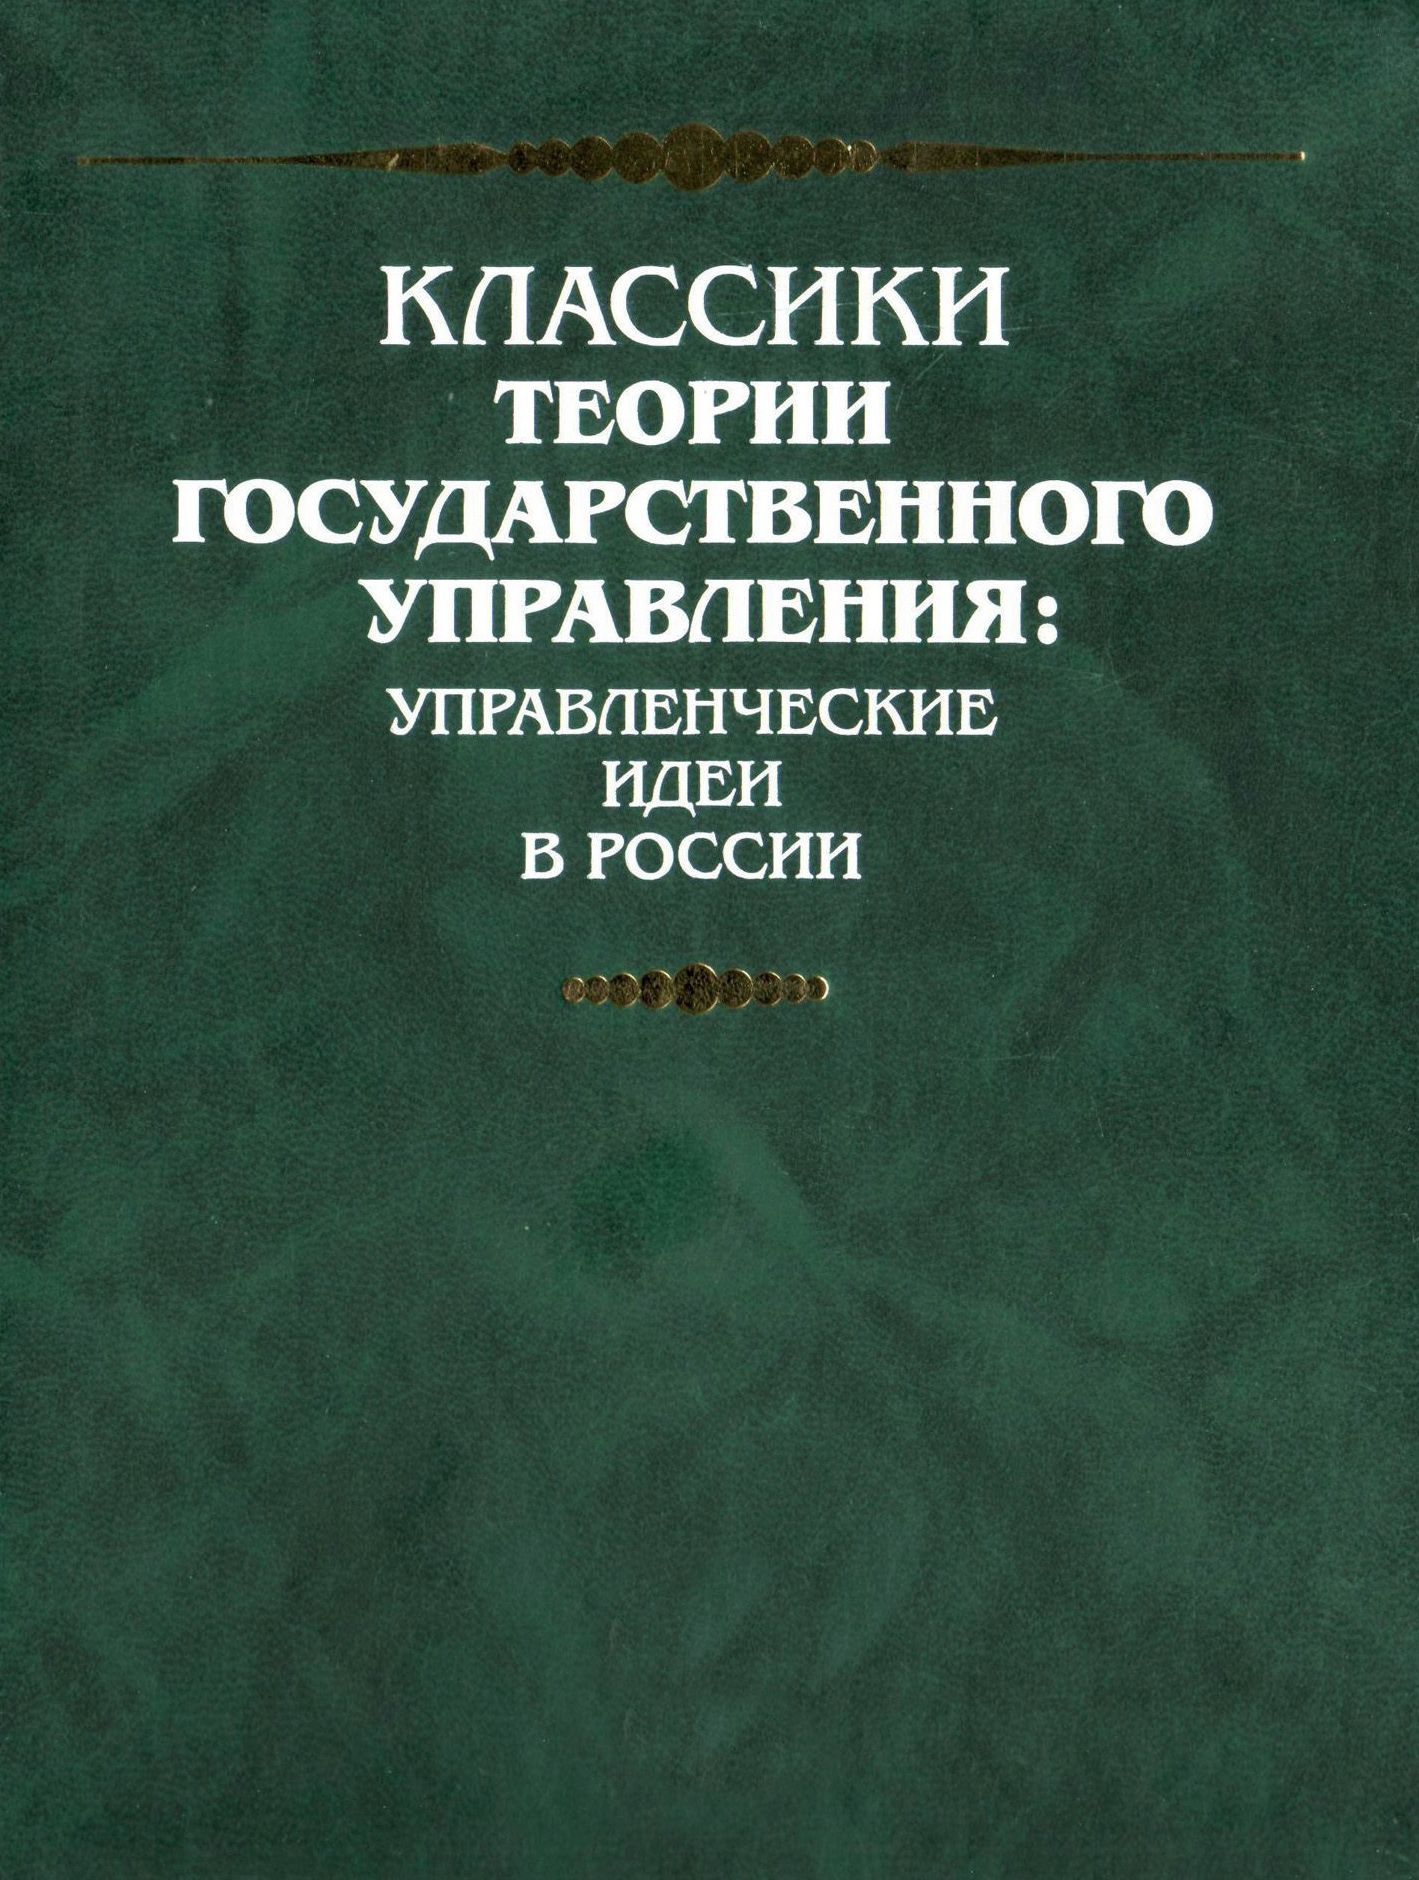 Доклад по организационному вопросу на Пленуме 20 сентября 1918 г.